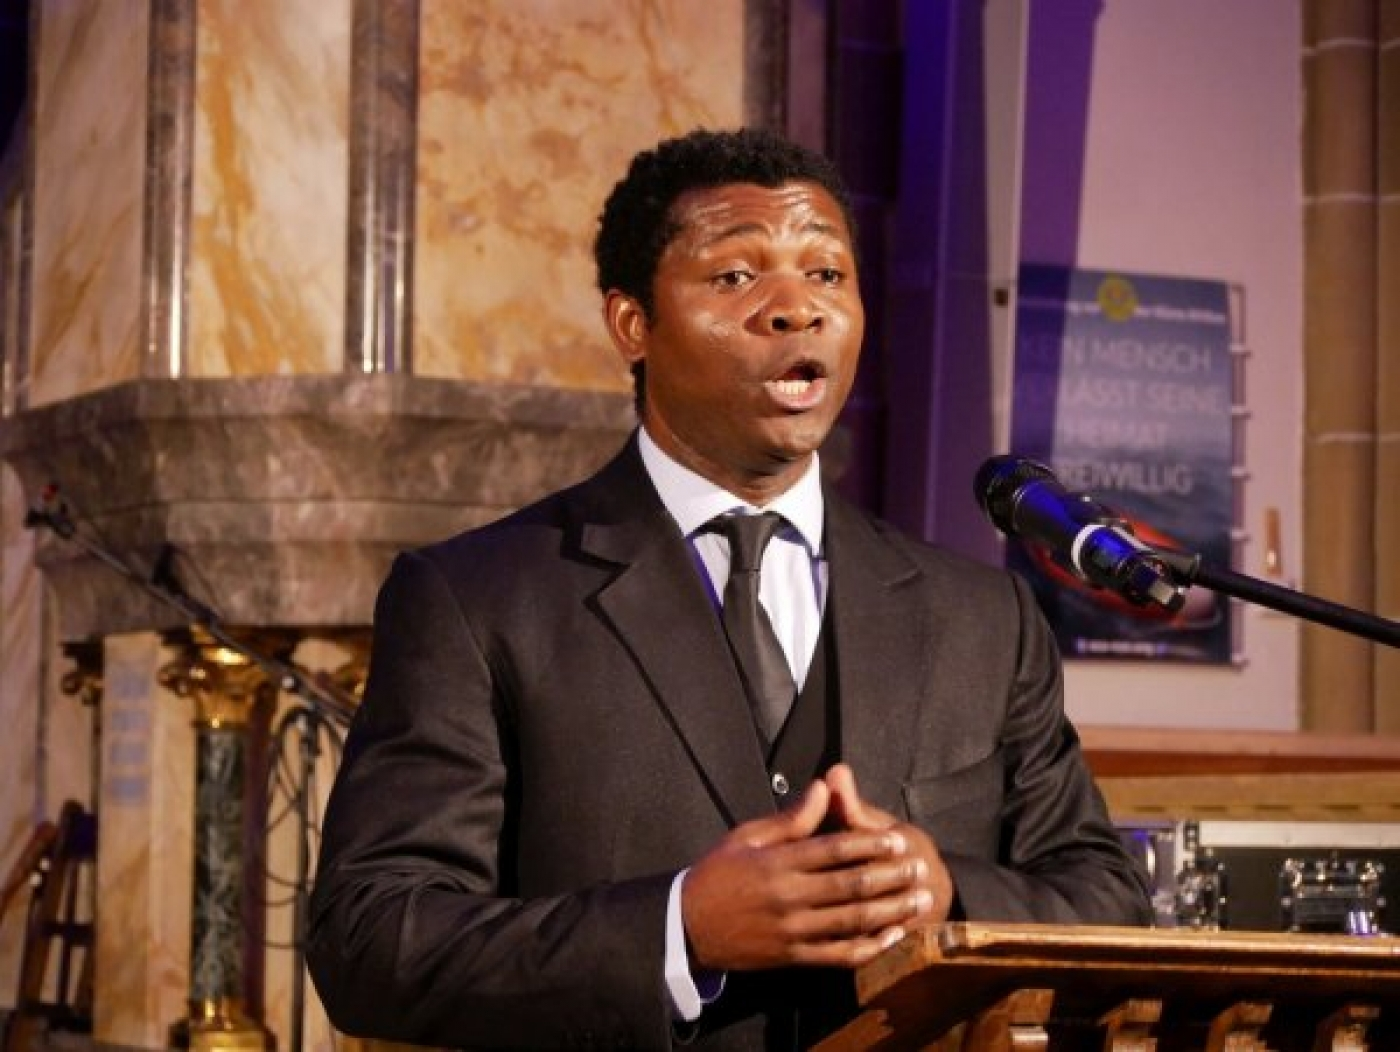 """Opernsänger  Christian  Akoa aus Kamerun. Als Einspruch gegen latenten Rassismus, den er als Schwarzer  in Deutschland verspüre, brachte er klangvoll """"What a wonderful World"""" zu Gehör"""